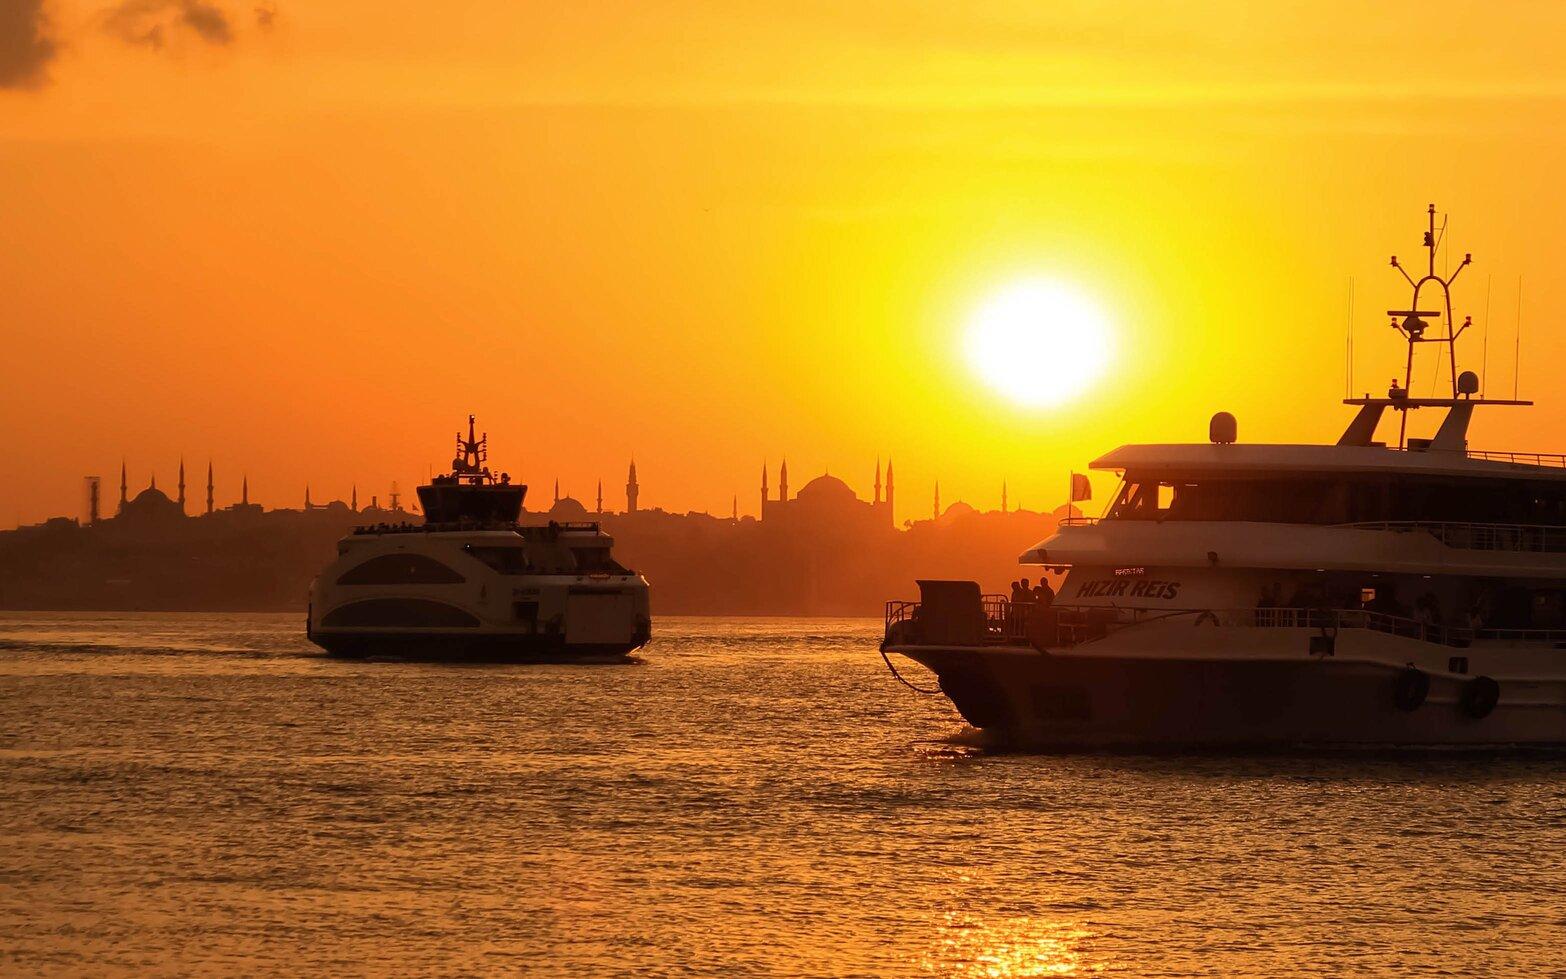 istanbul manzara fotoğrafı, gün batımında vapurlar